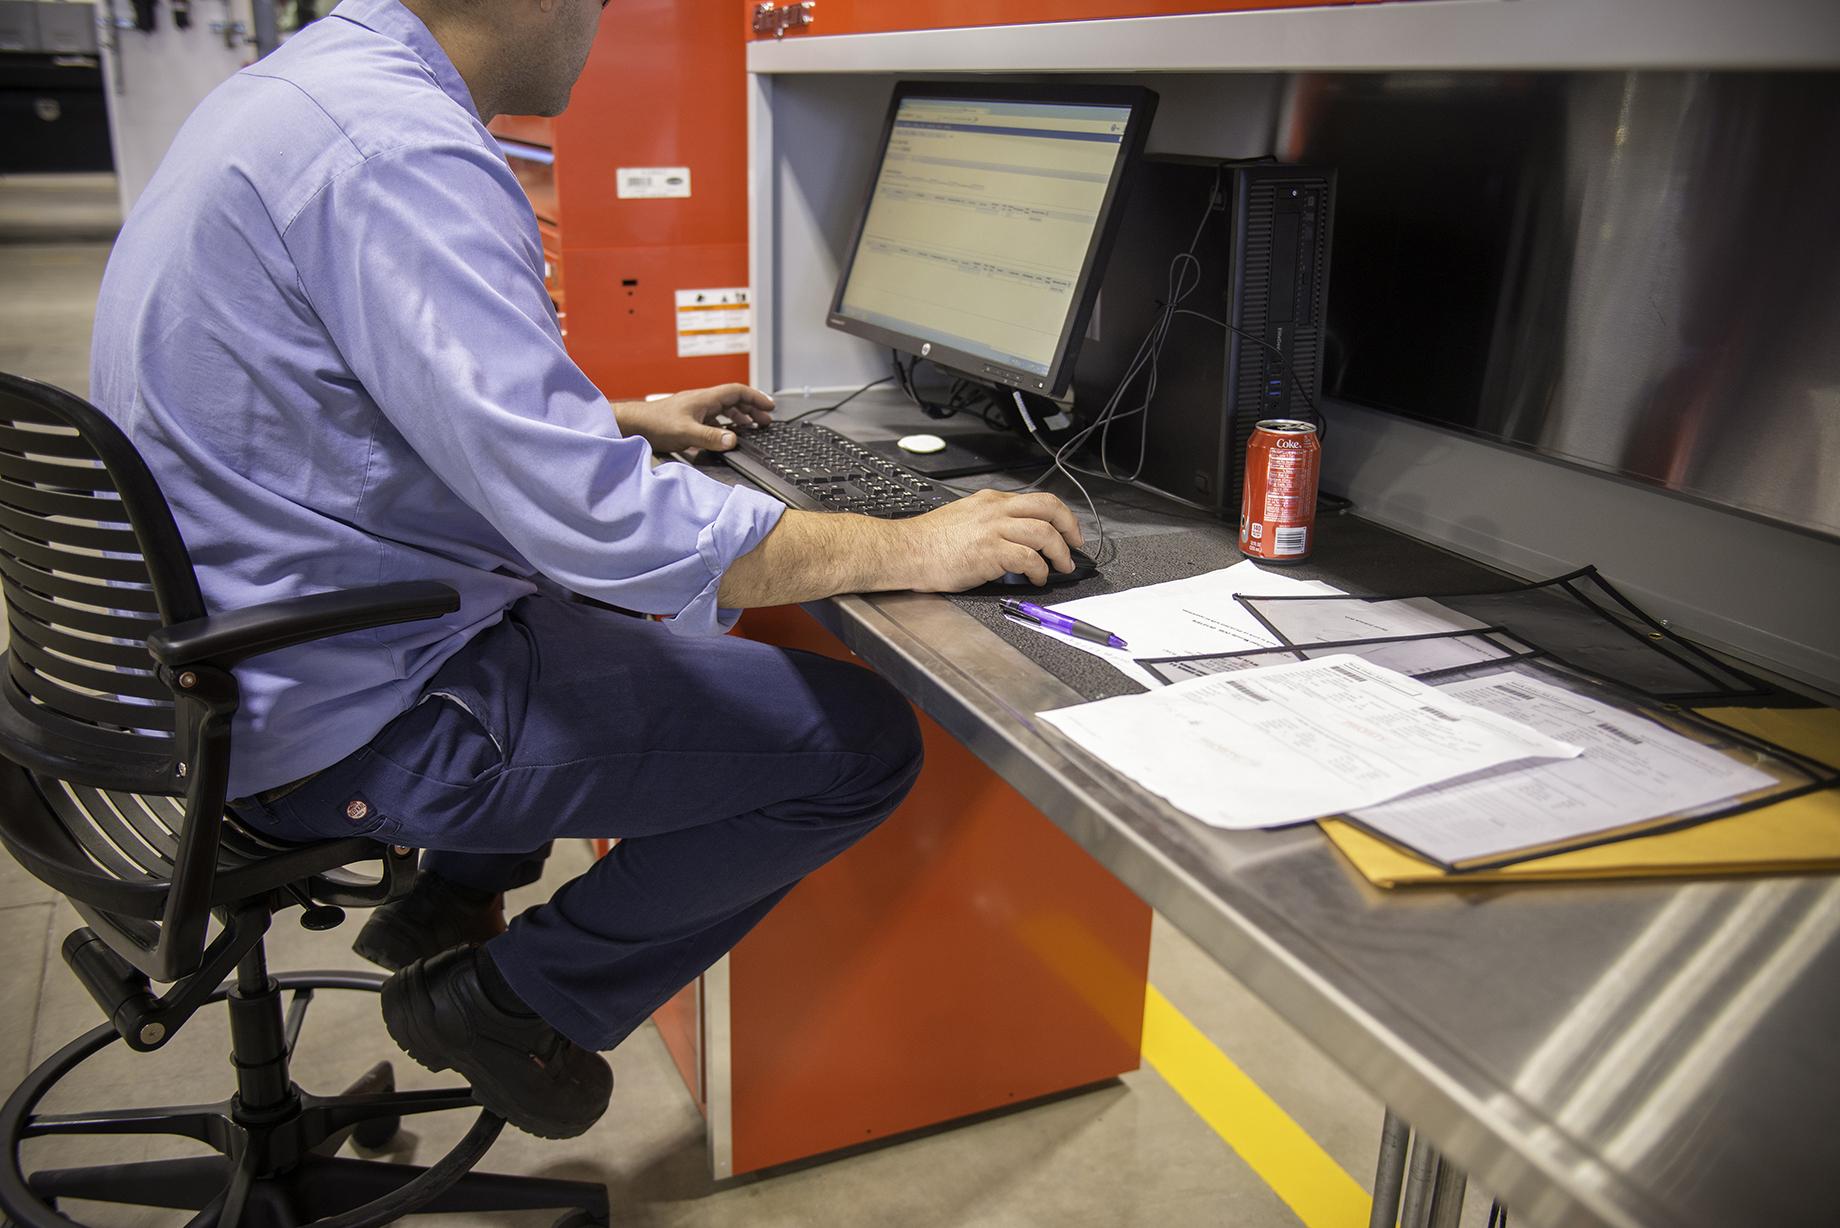 Ariz. County Raises Fleet Pay With 'Hot Jobs' Designation